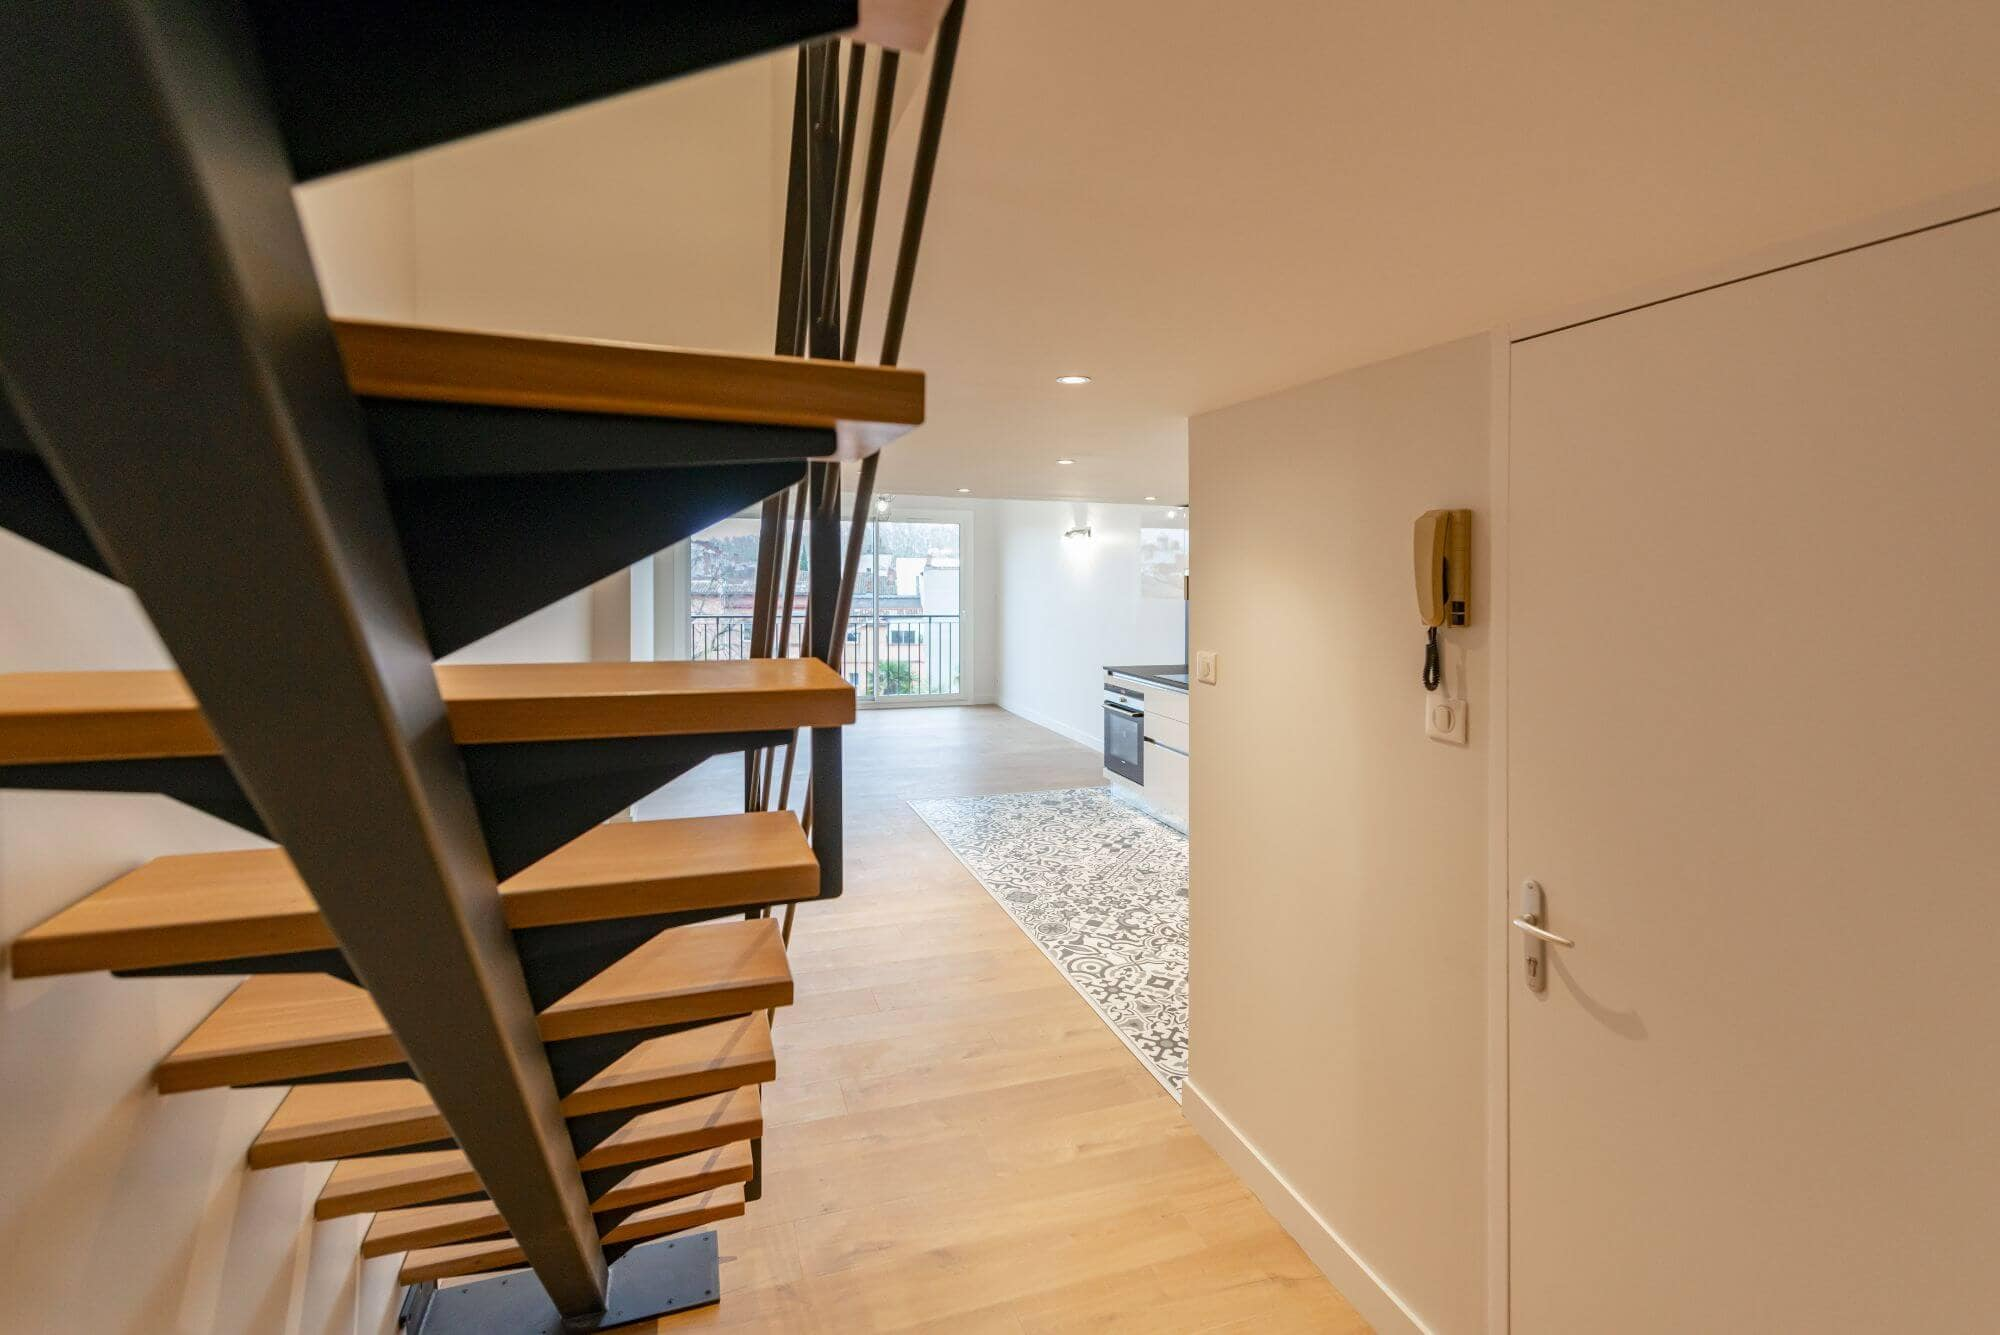 Escalier, Limon Central